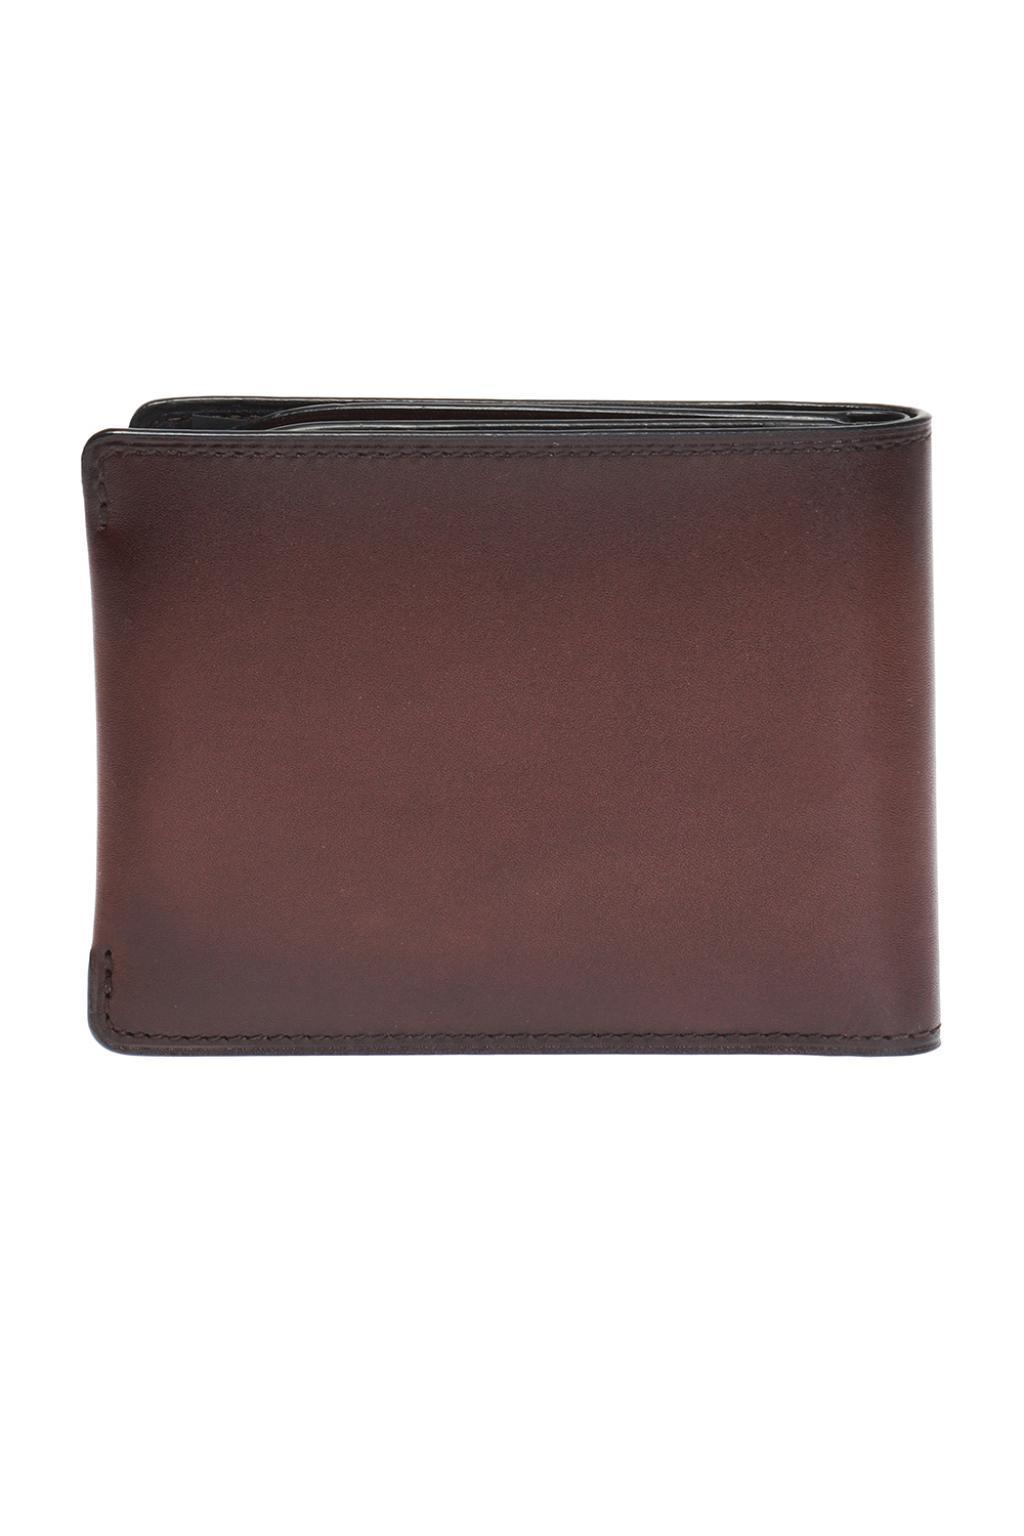 Berluti Leather Bi-fold Wallet Brown for Men - Lyst